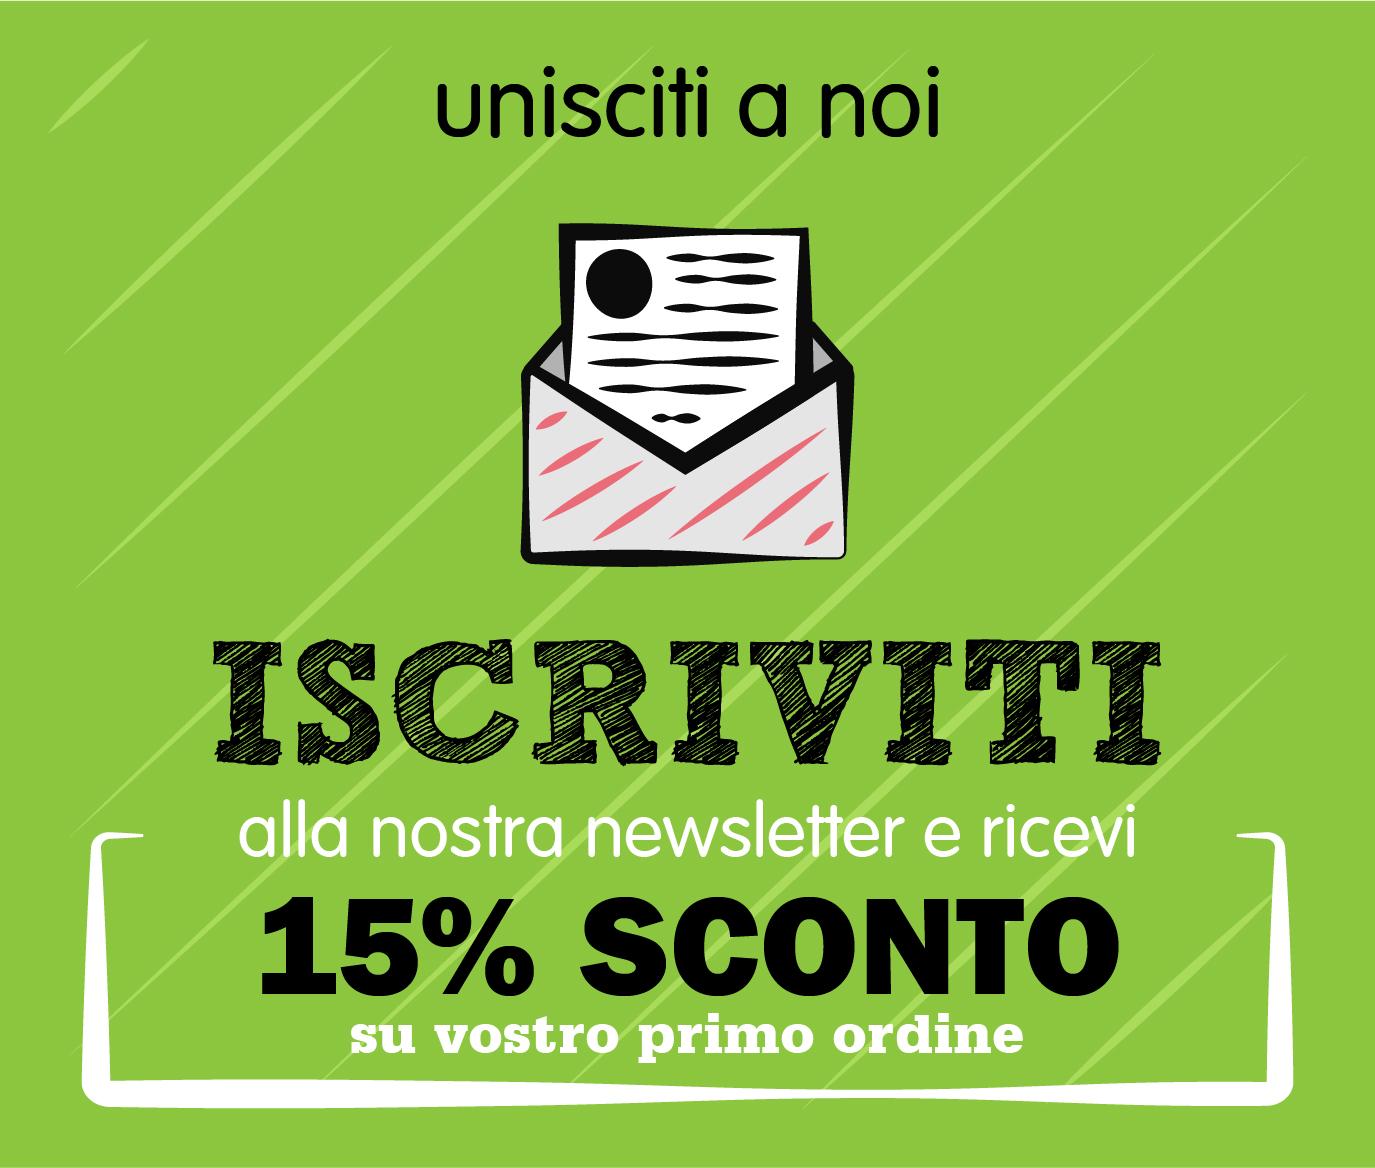 iscriviti newsletter sconto 15%